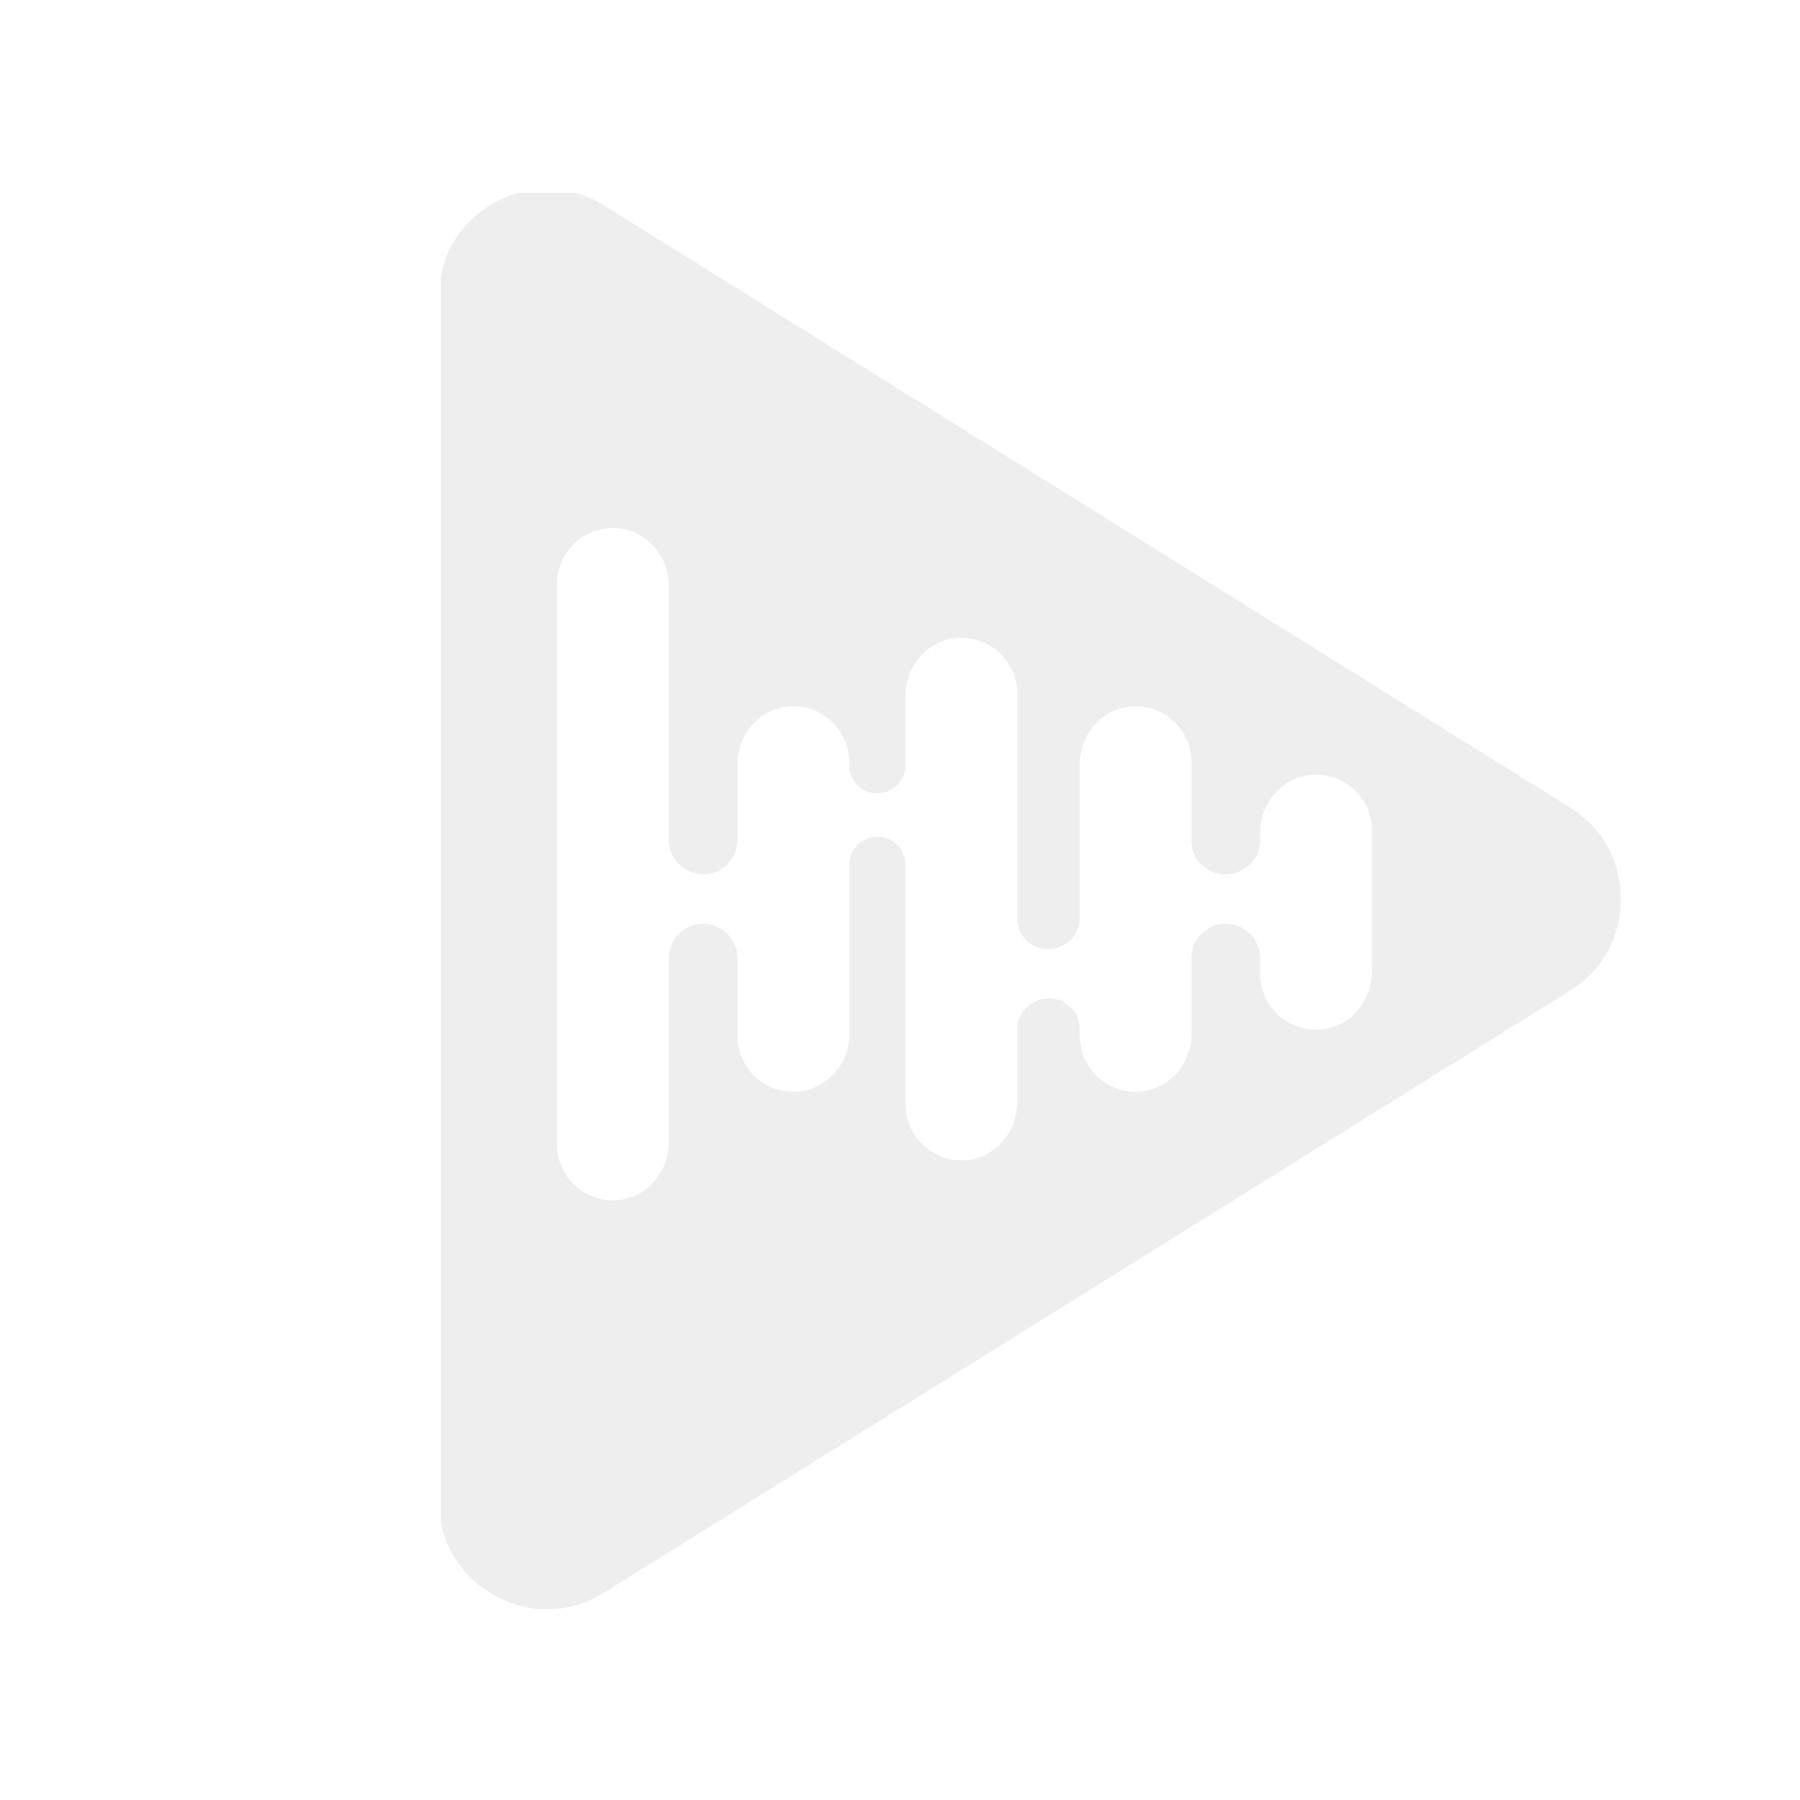 Vita Audio FJ-02 - Fjernkontroll, Vita R2i